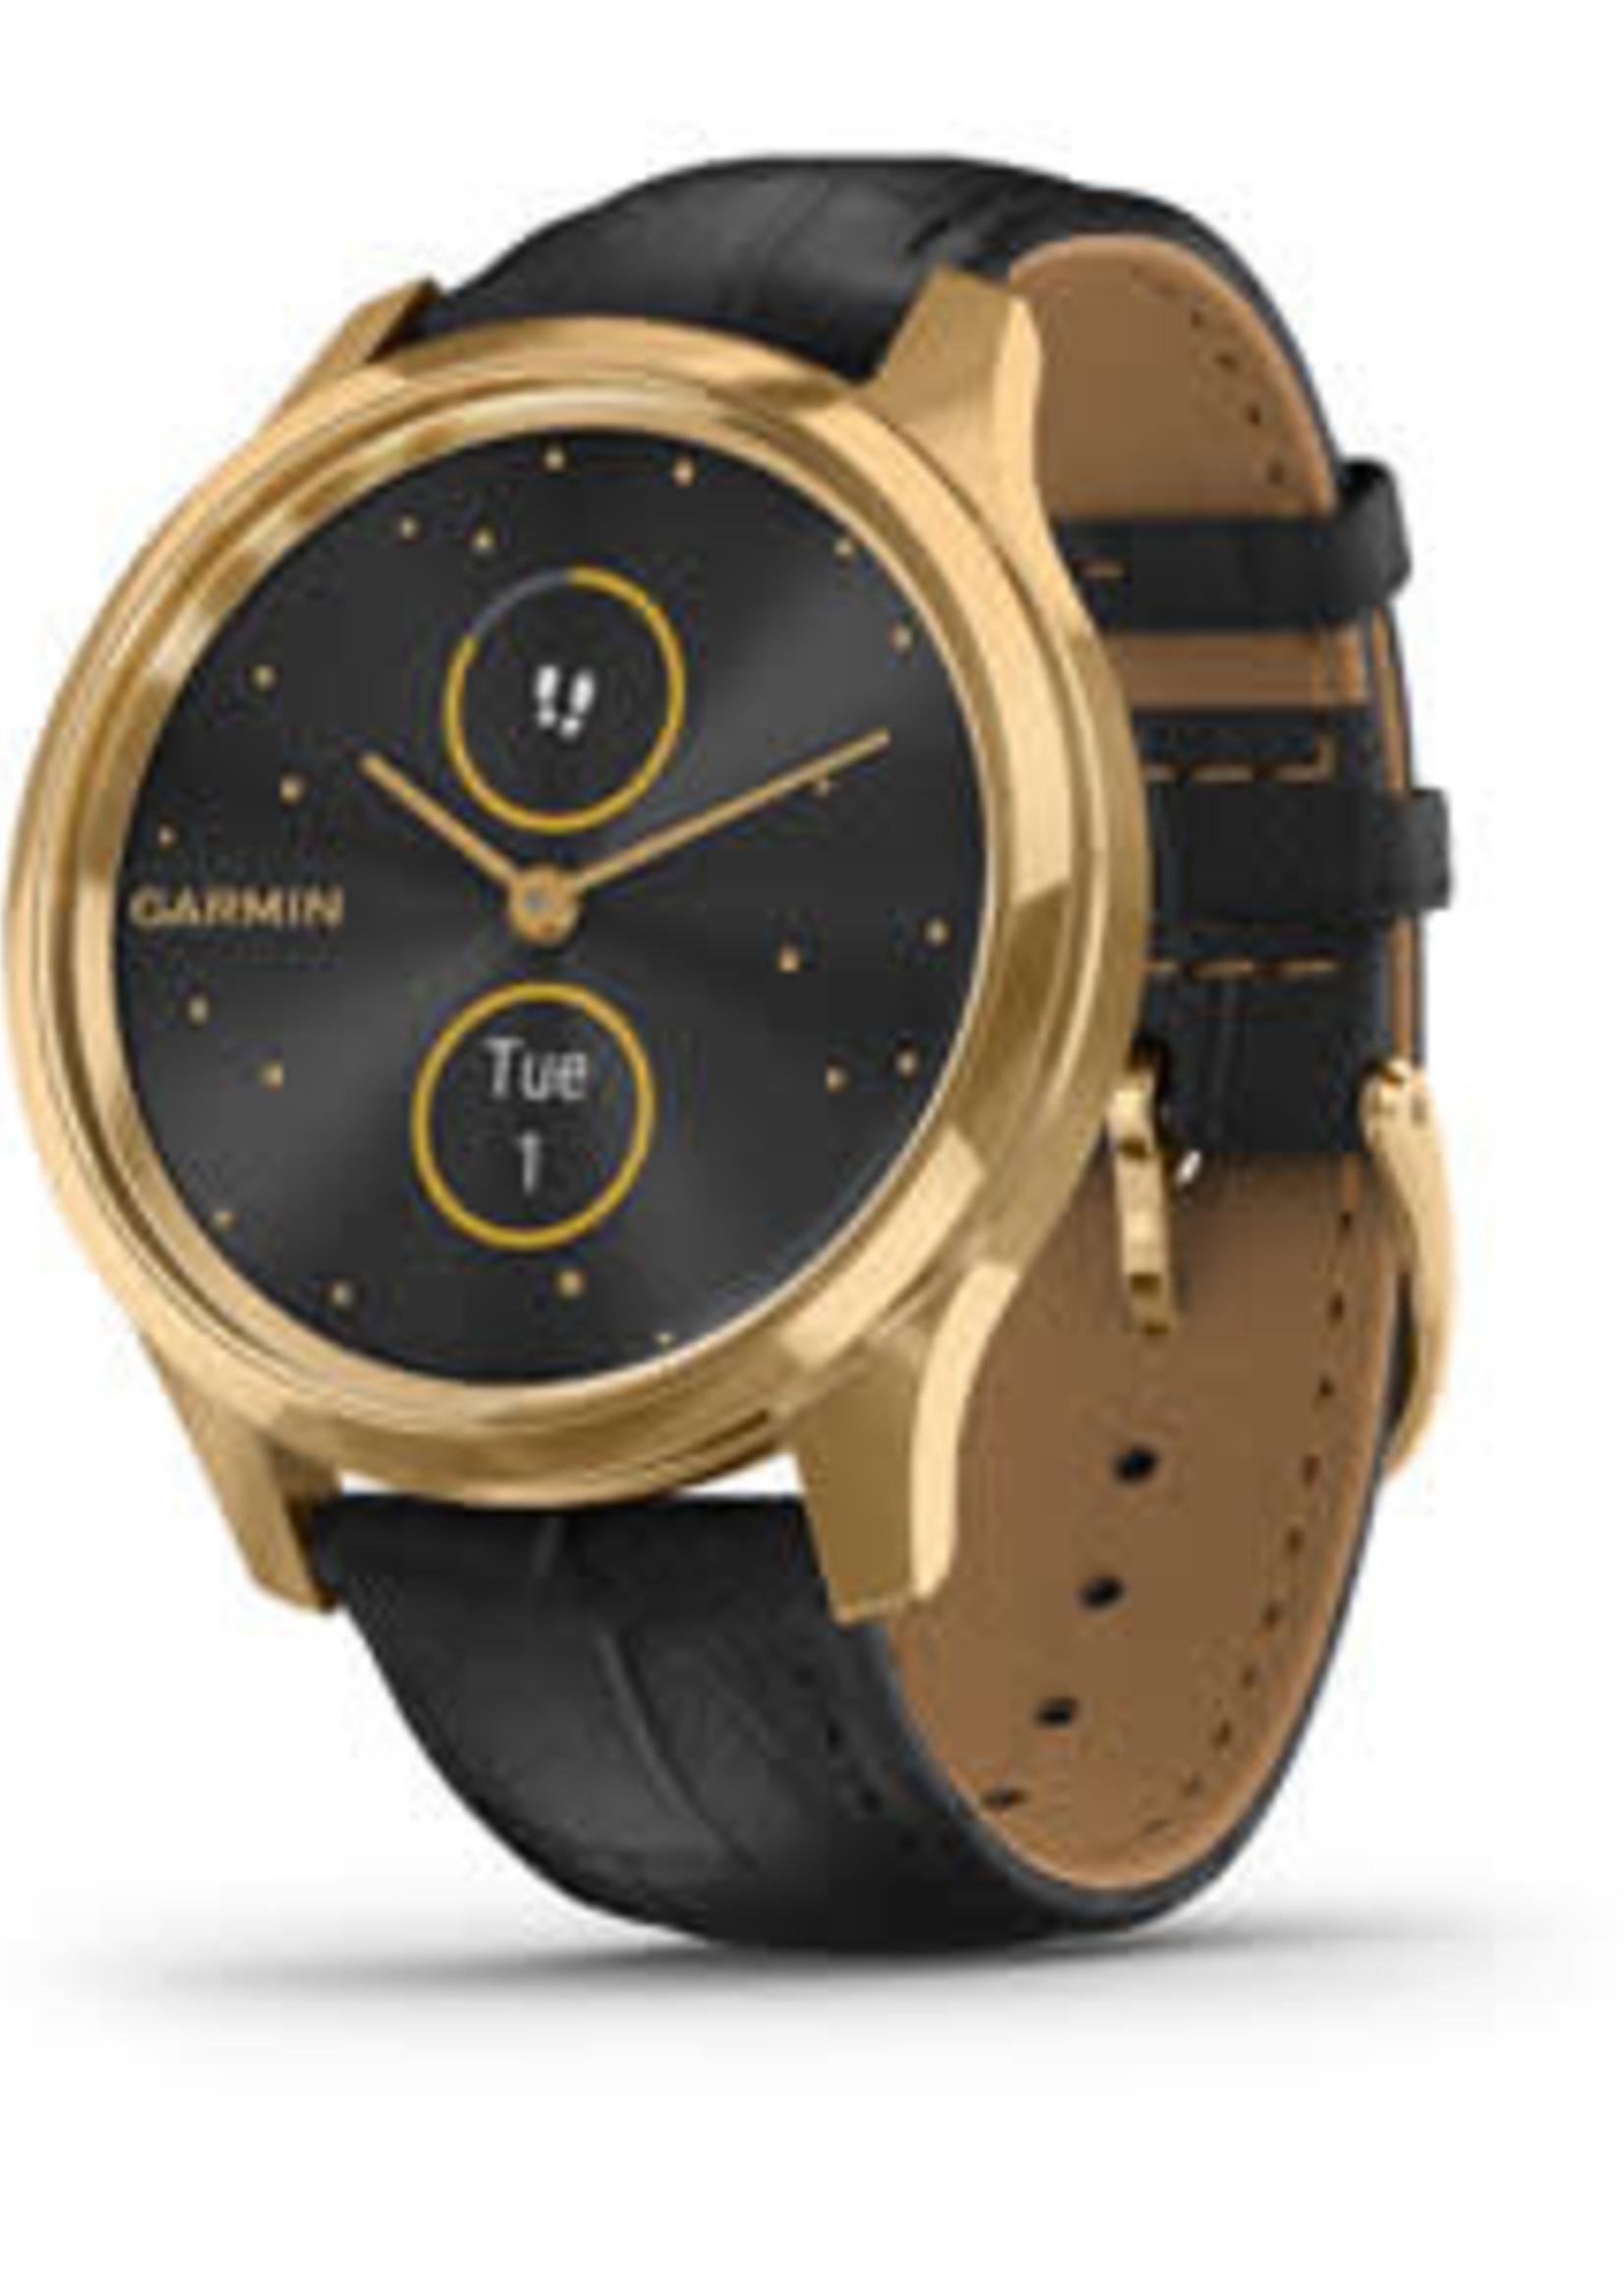 Garmin Garmin Watch Vivomove Luxe, Gold, Black Leather Band